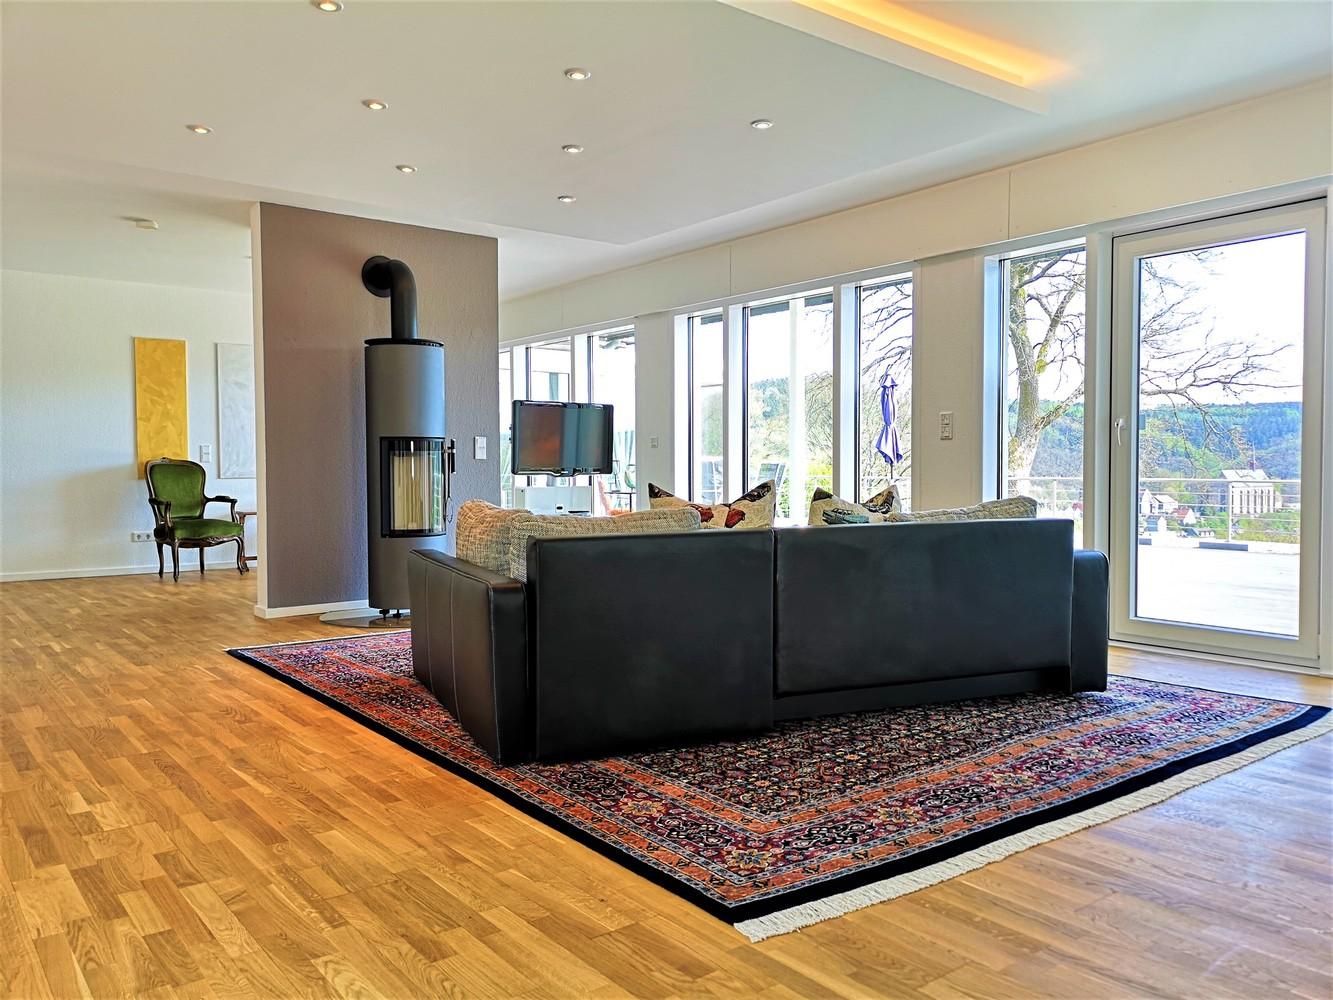 Wohntraeume-Seeblick-0012.jpg